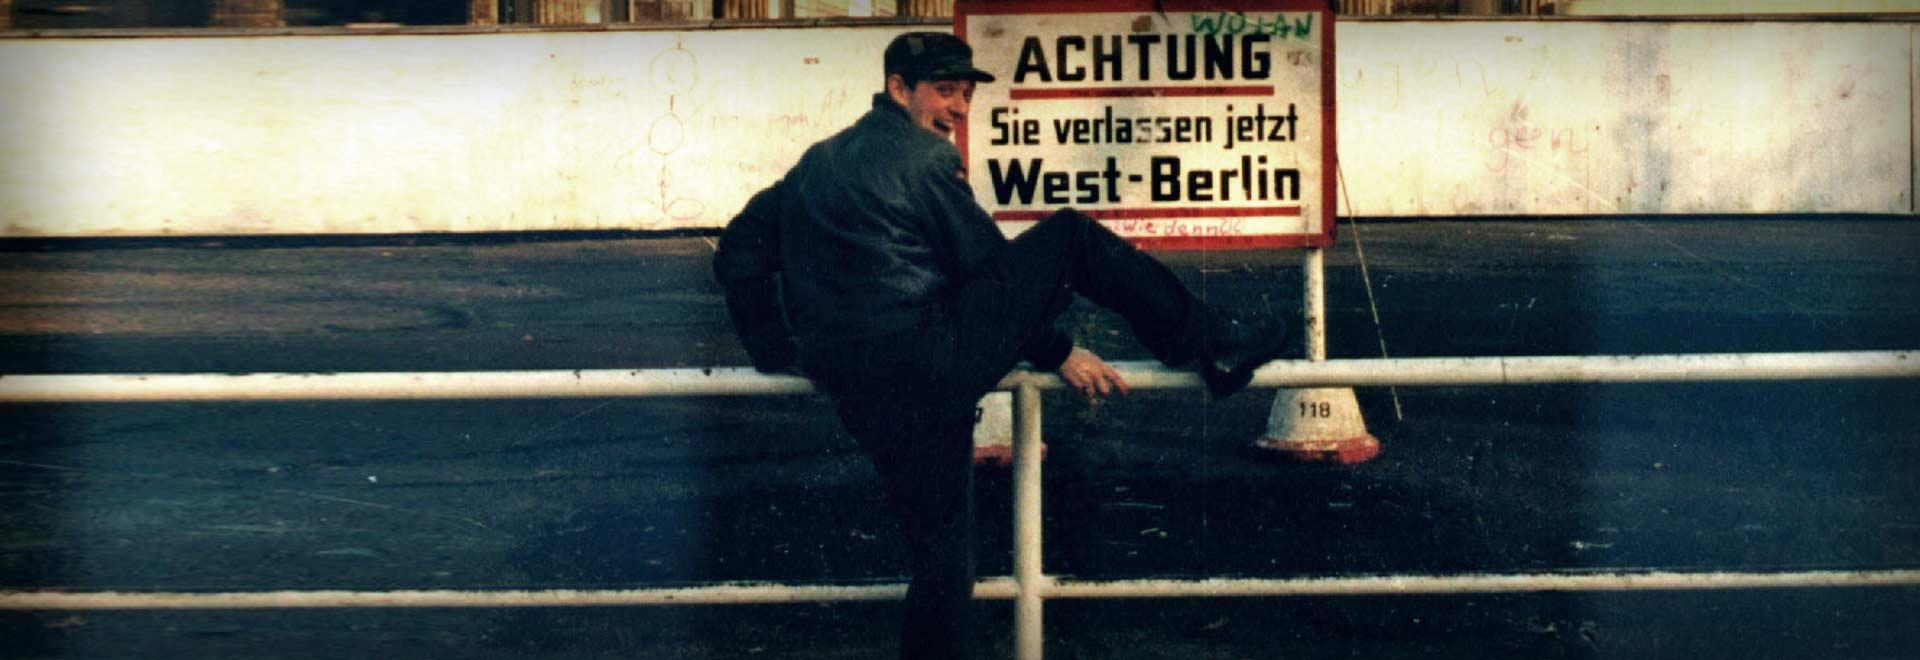 """Марк Ридер: «Когда мне говорят """"что-то там теперь новый Берлин"""" — я это ненавижу»"""